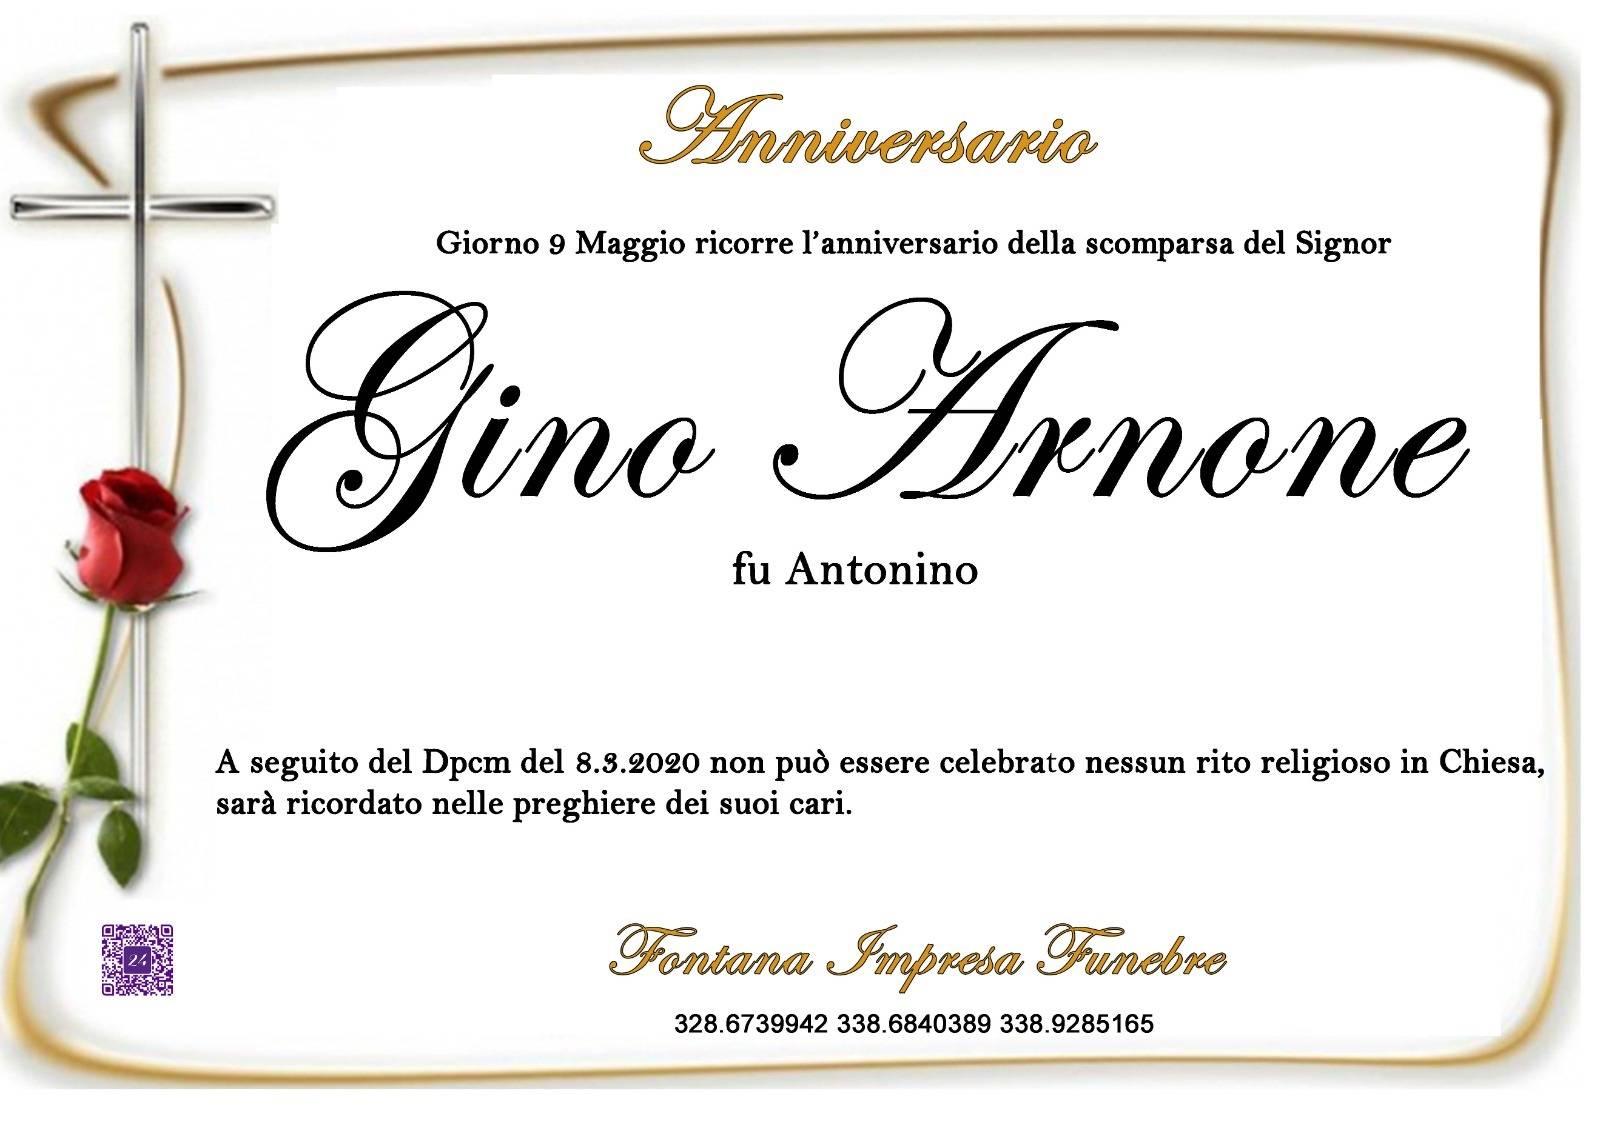 Gino Arnone